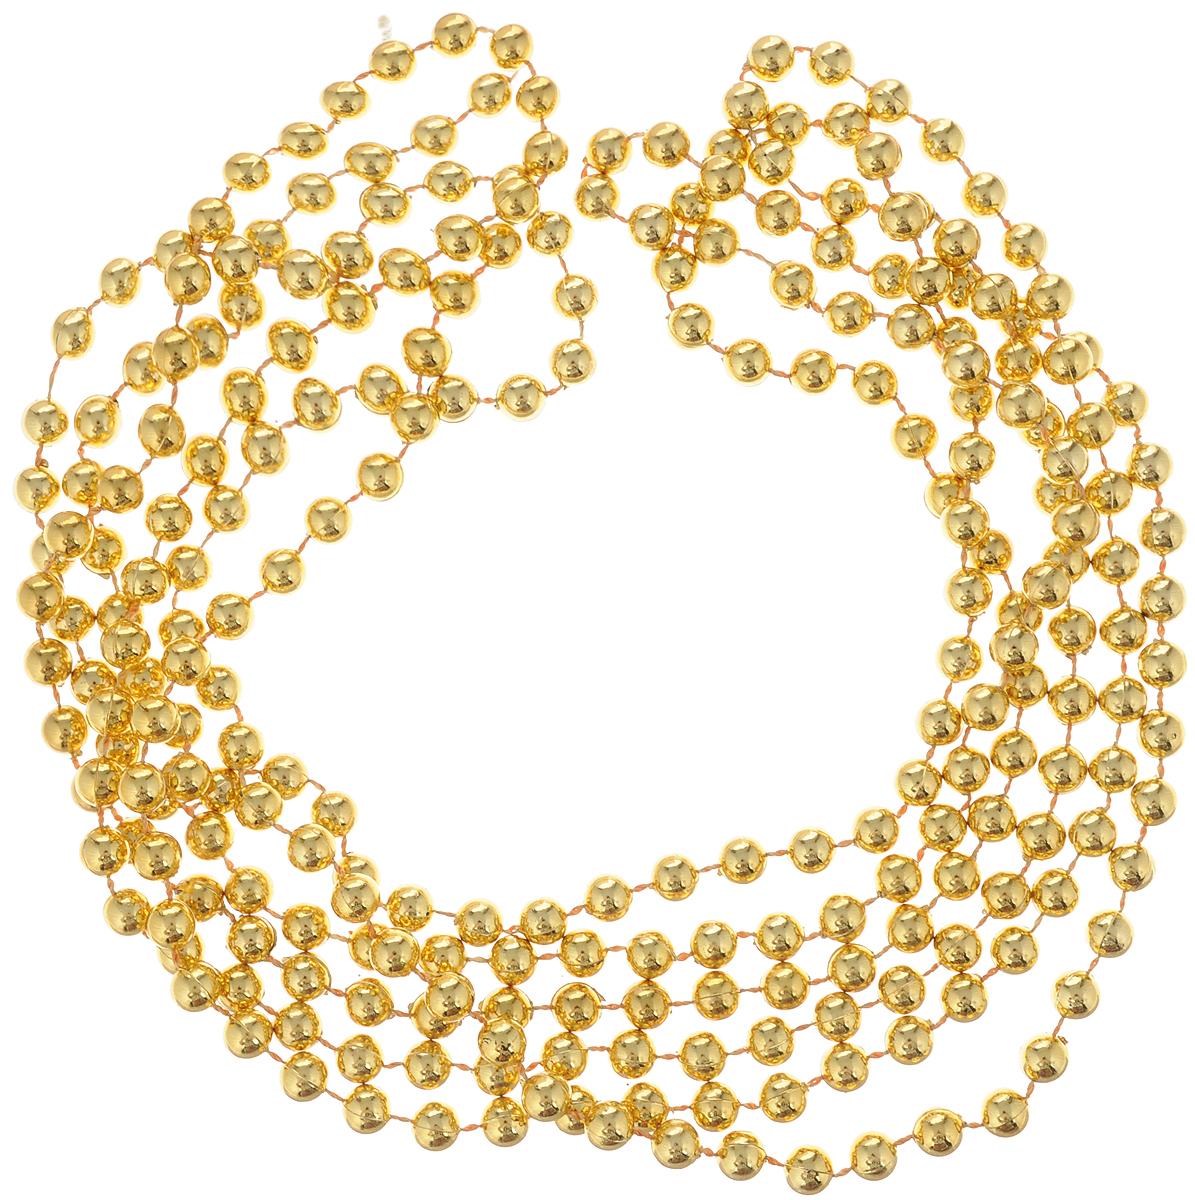 Гирлянда новогодняя Magic Time Бусы с золотыми шариками, длина 2,7 м38679Новогодняя гирлянда Magic Time Бусы с золотыми шариками,выполненная из полистирола, украсит интерьер вашегодома или офиса в преддверии Нового года. Гирляндапредставляет собой бусины на нити. Оригинальный дизайни красочное исполнение создадут праздничноенастроение.Новогодние украшения всегда несут в себе волшебство икрасоту праздника. Создайте в своем доме атмосферутепла, веселья и радости, украшая его всей семьей. Диаметр бусины: 5 мм.